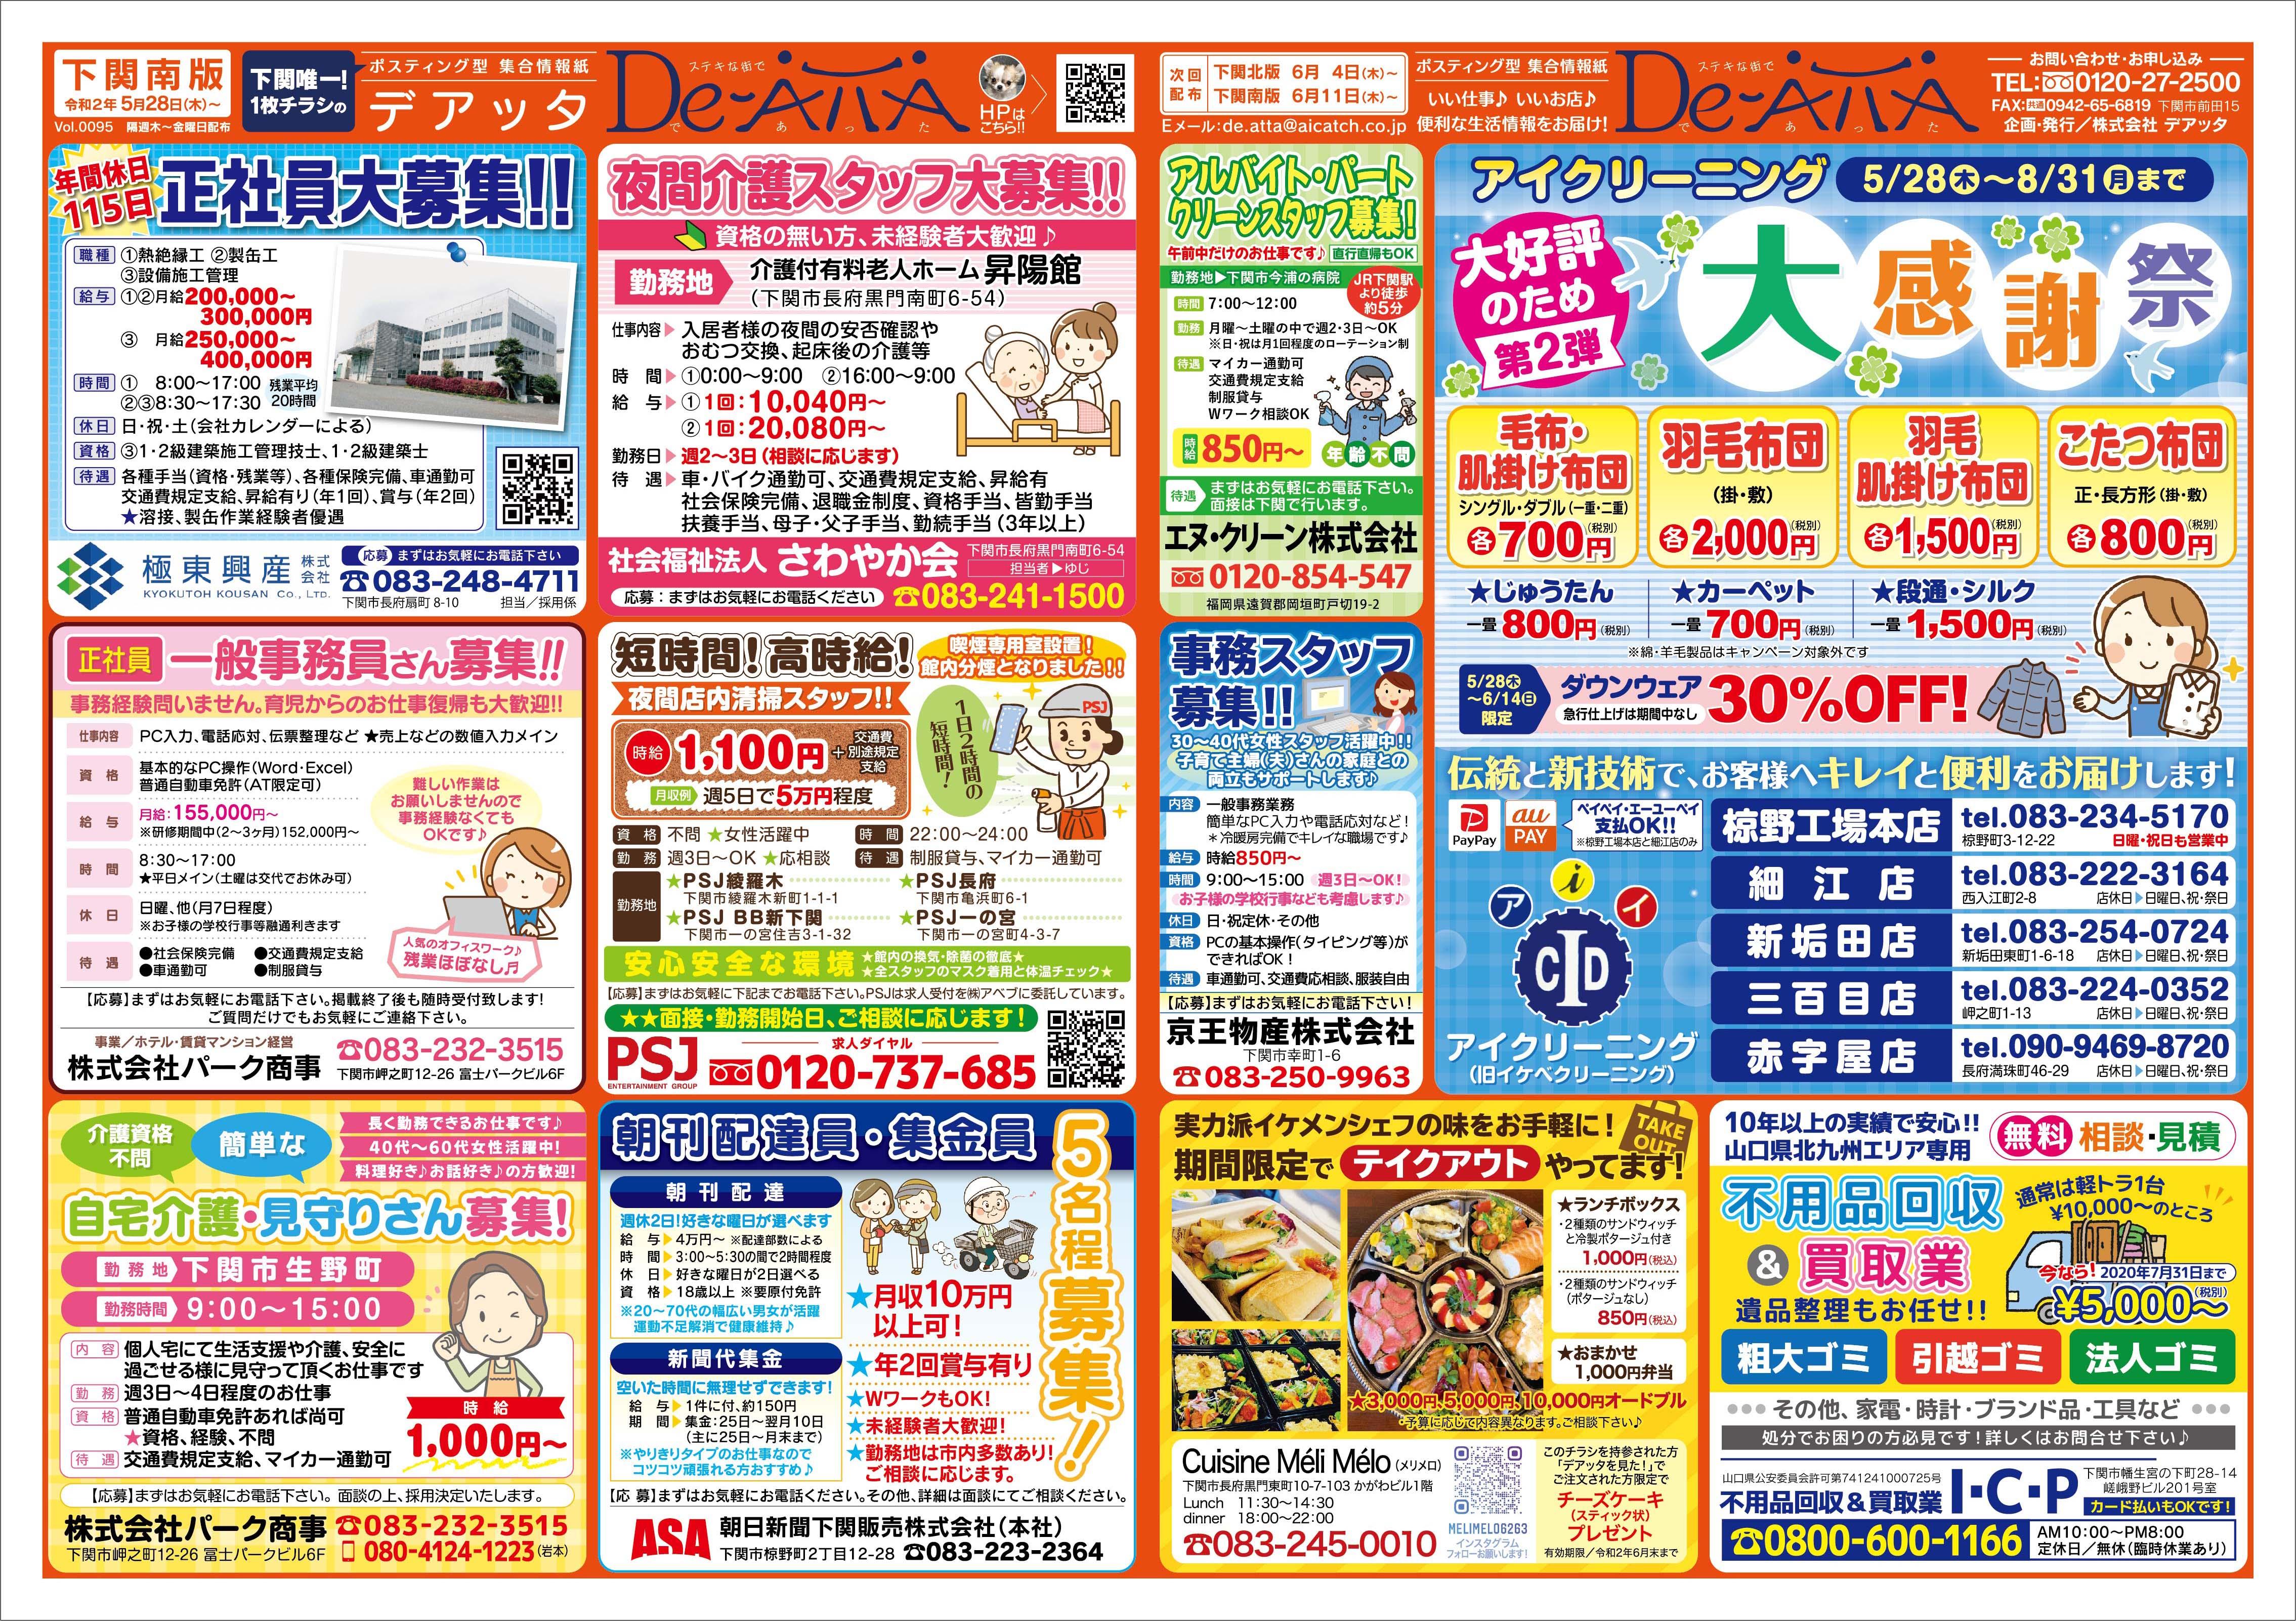 下関南版 令和2年5月28日号デアッタチラシ表イメージ